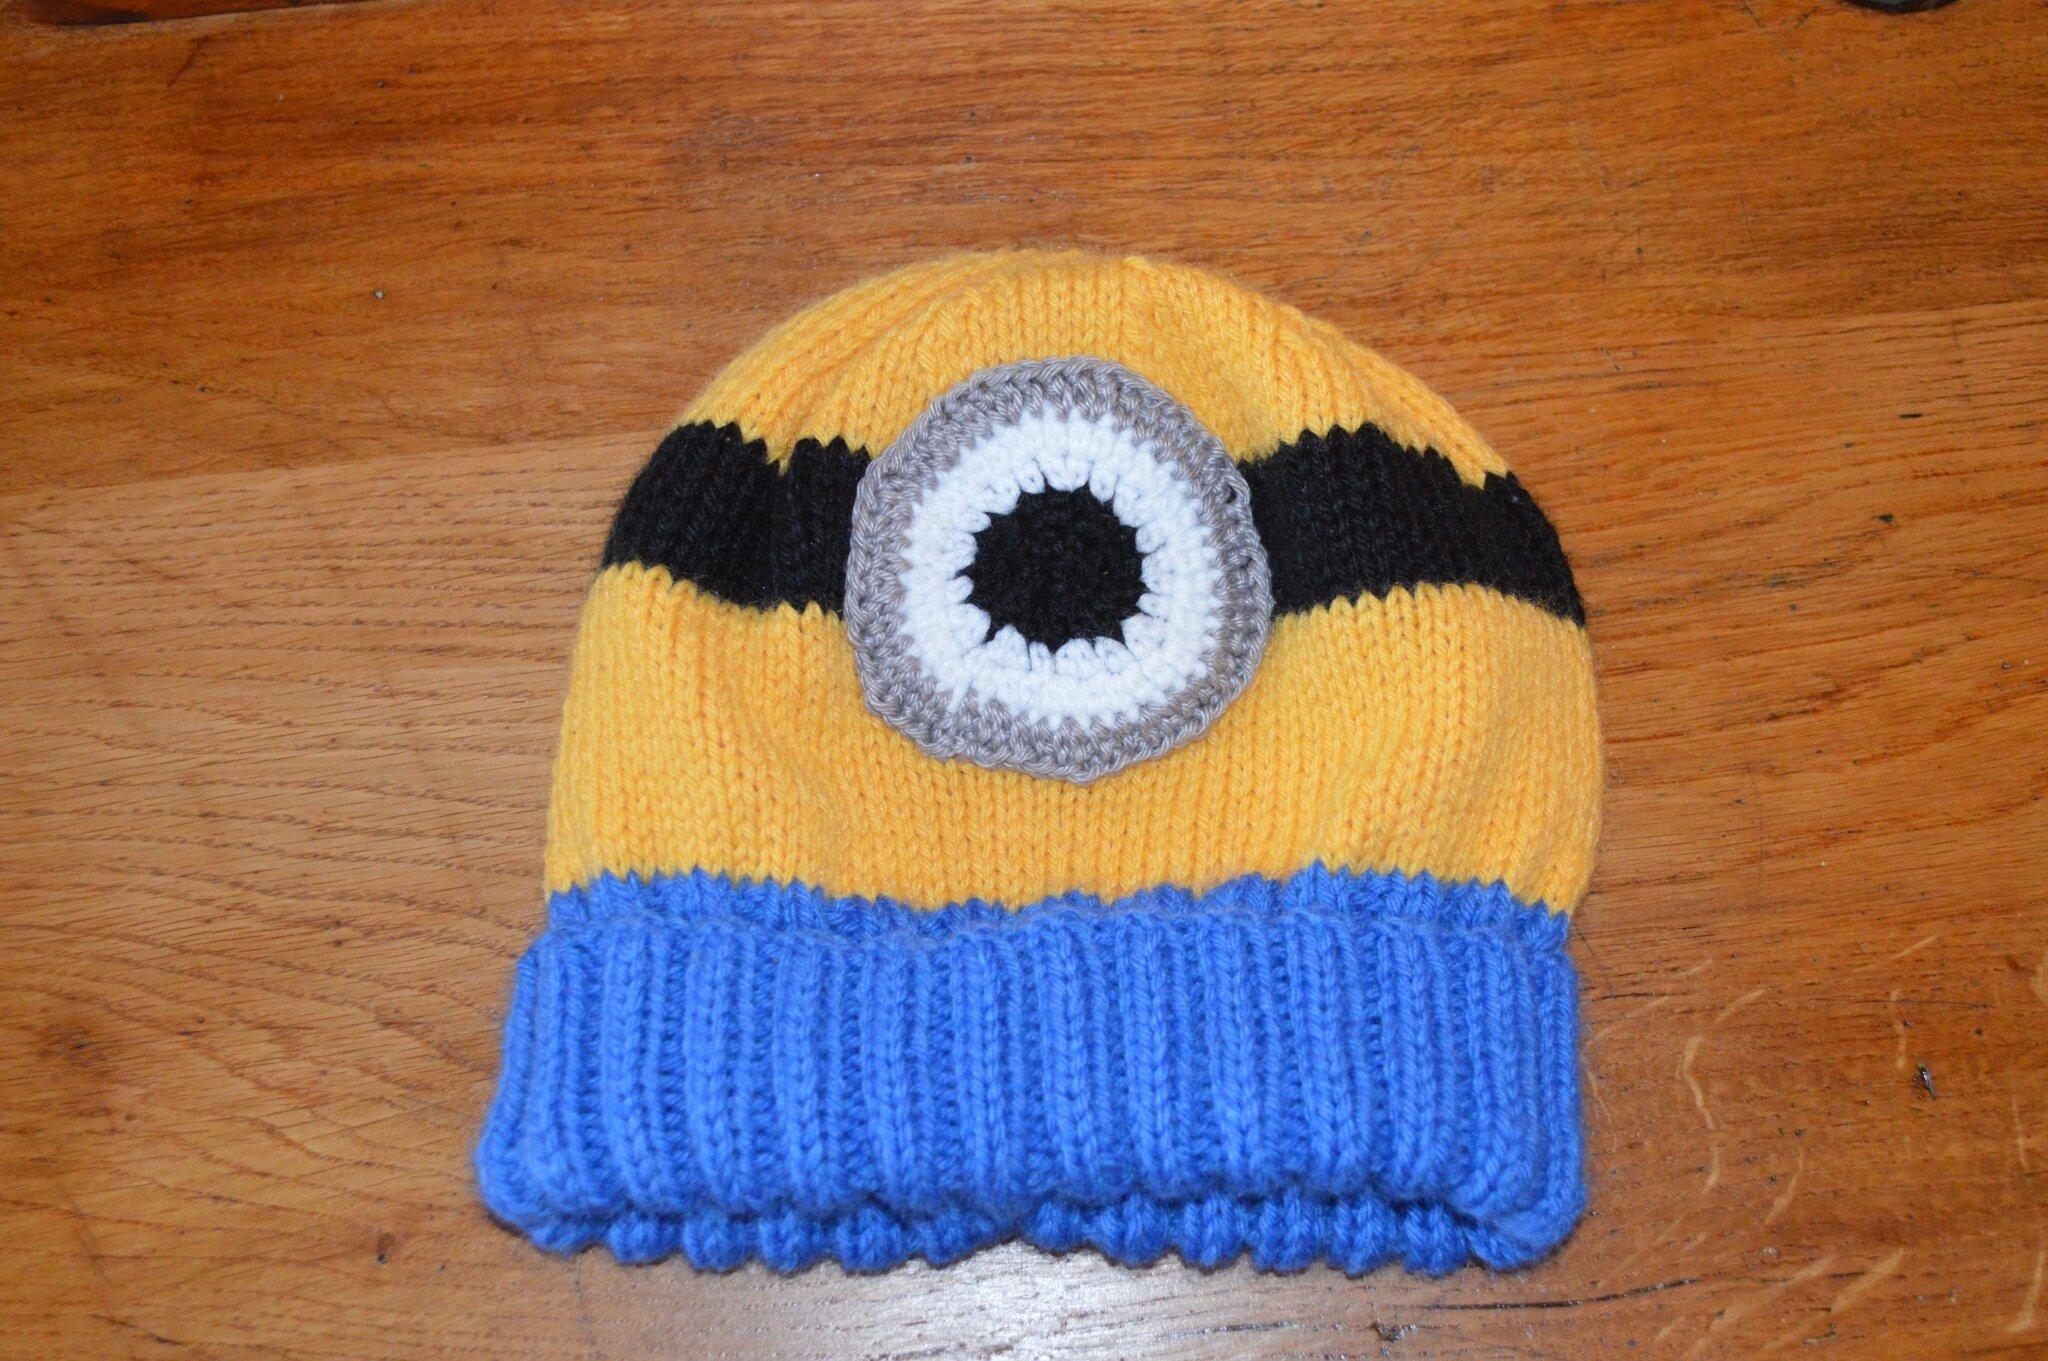 tricoter un bonnet moi moche et mechant